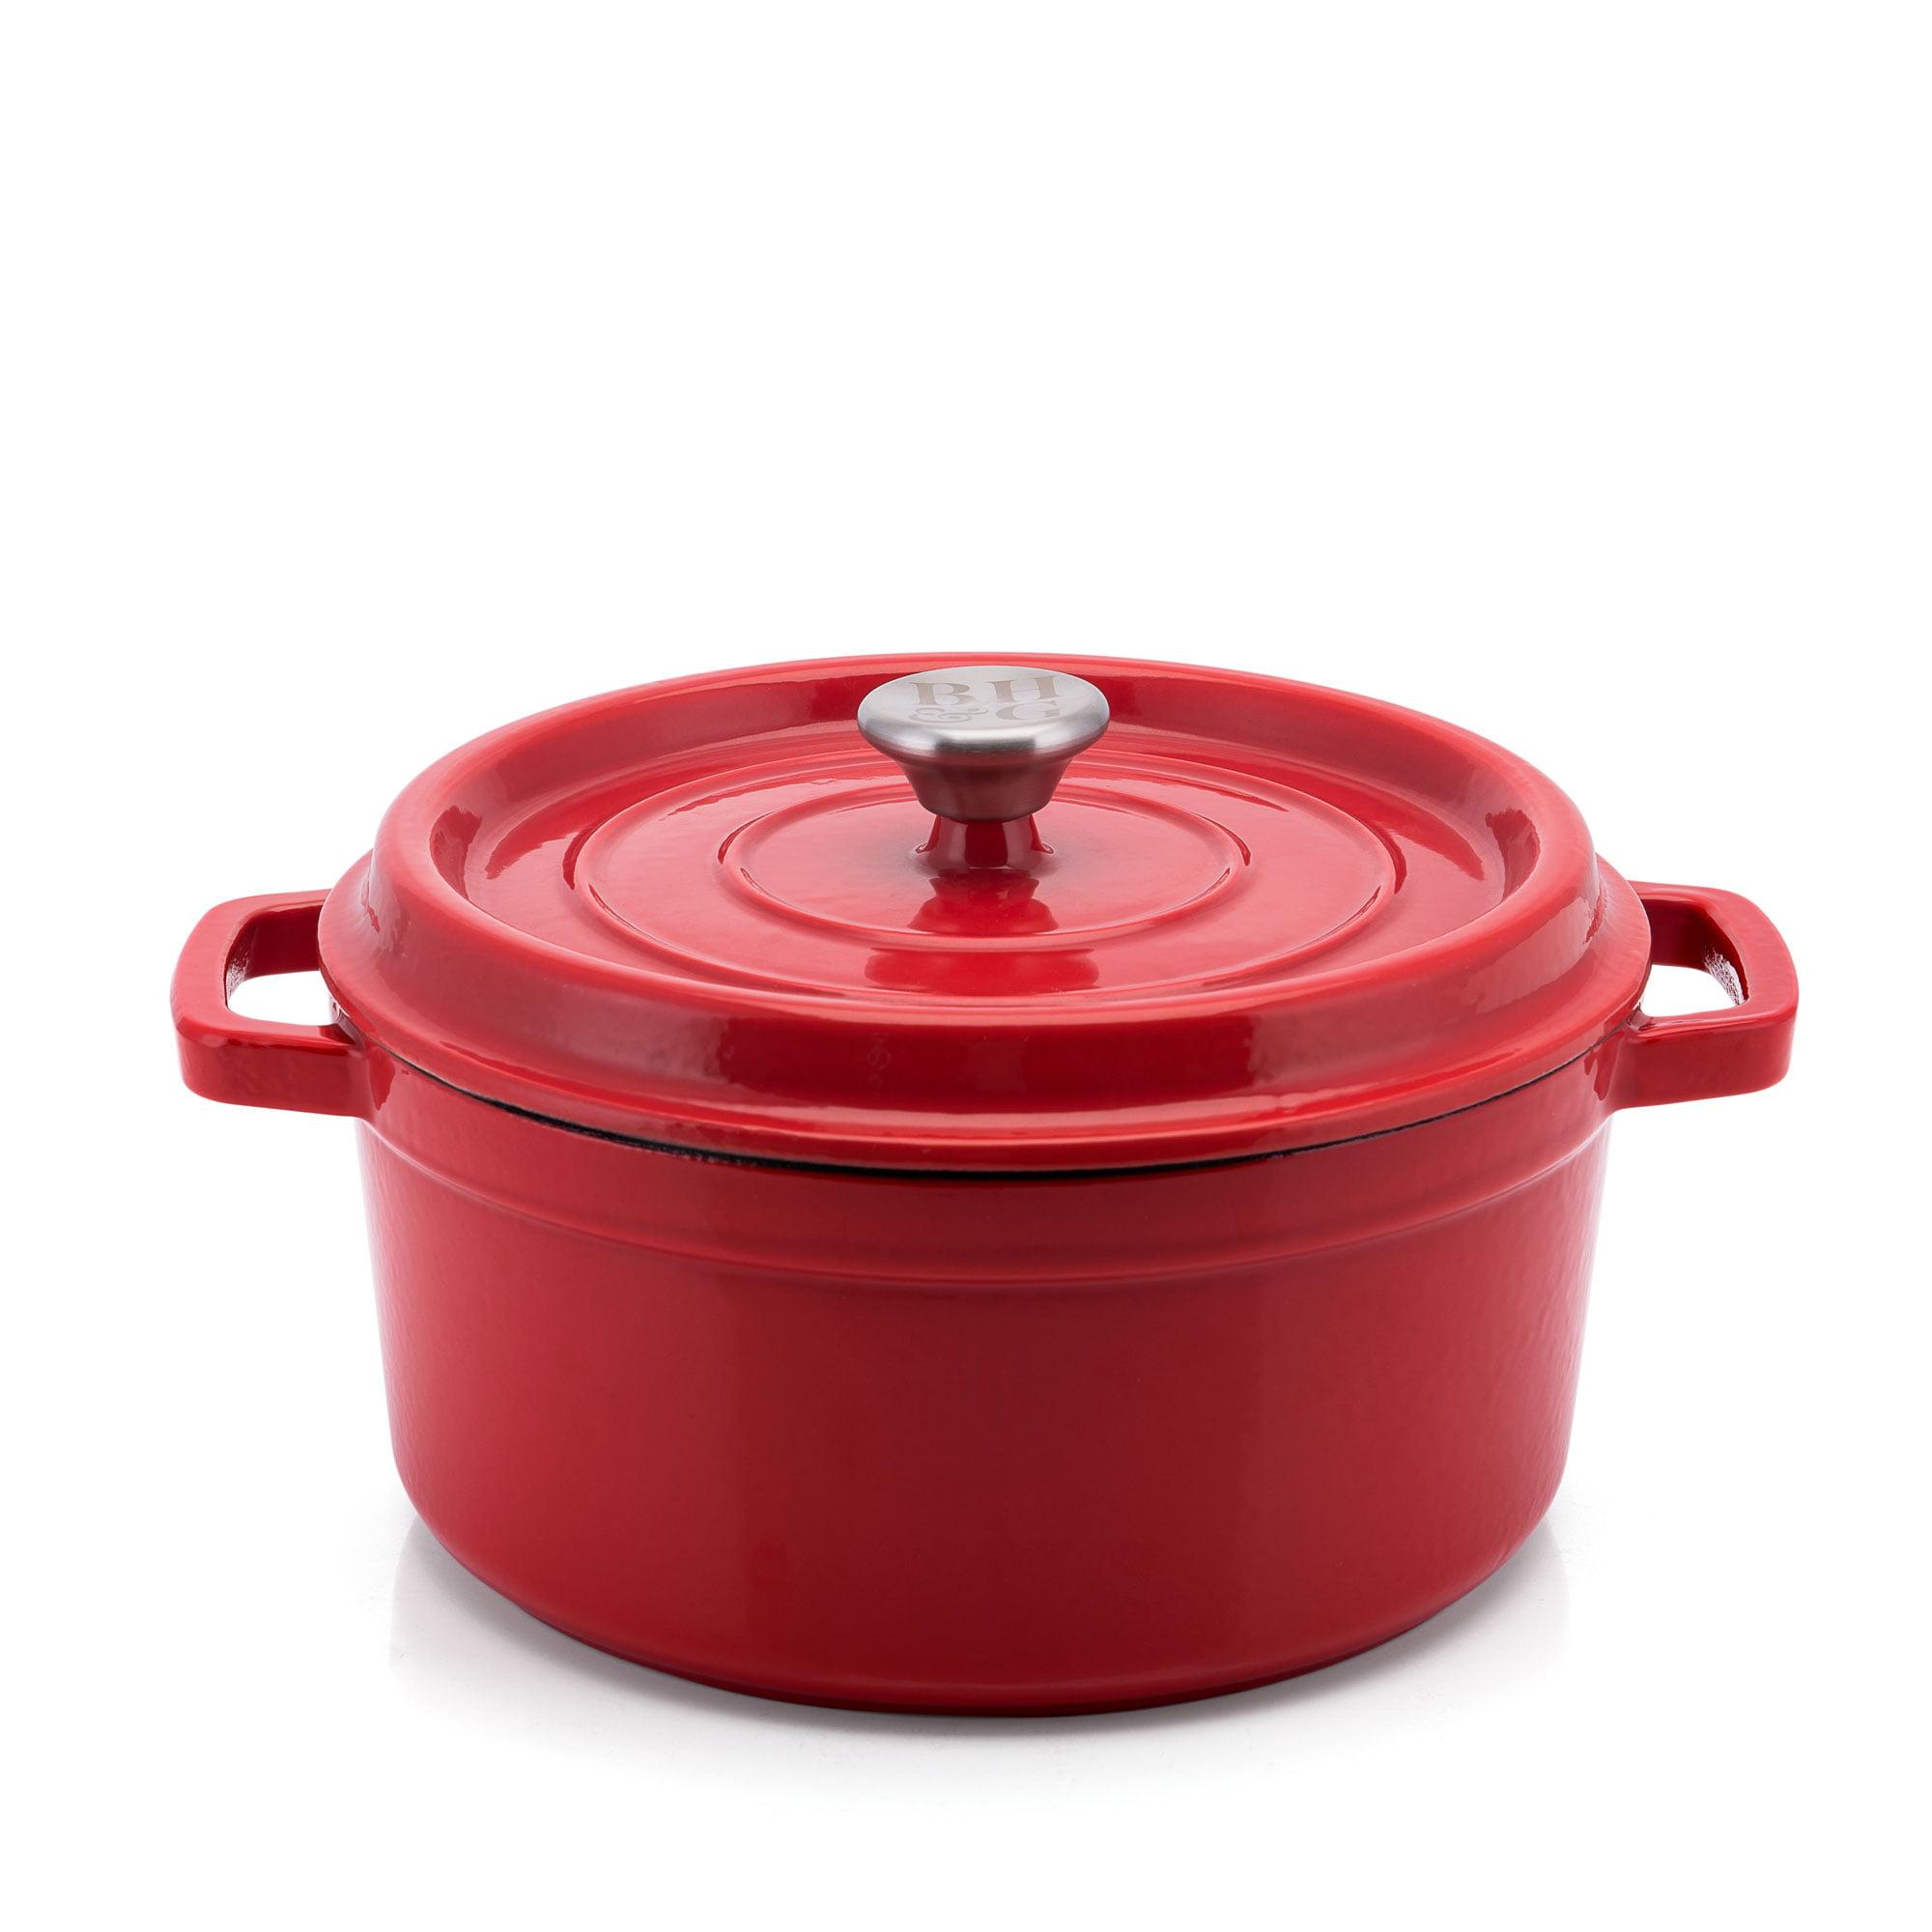 Home Marketplace 2-Piece Enamel Cast Iron Dutch Oven Red 4 Quart